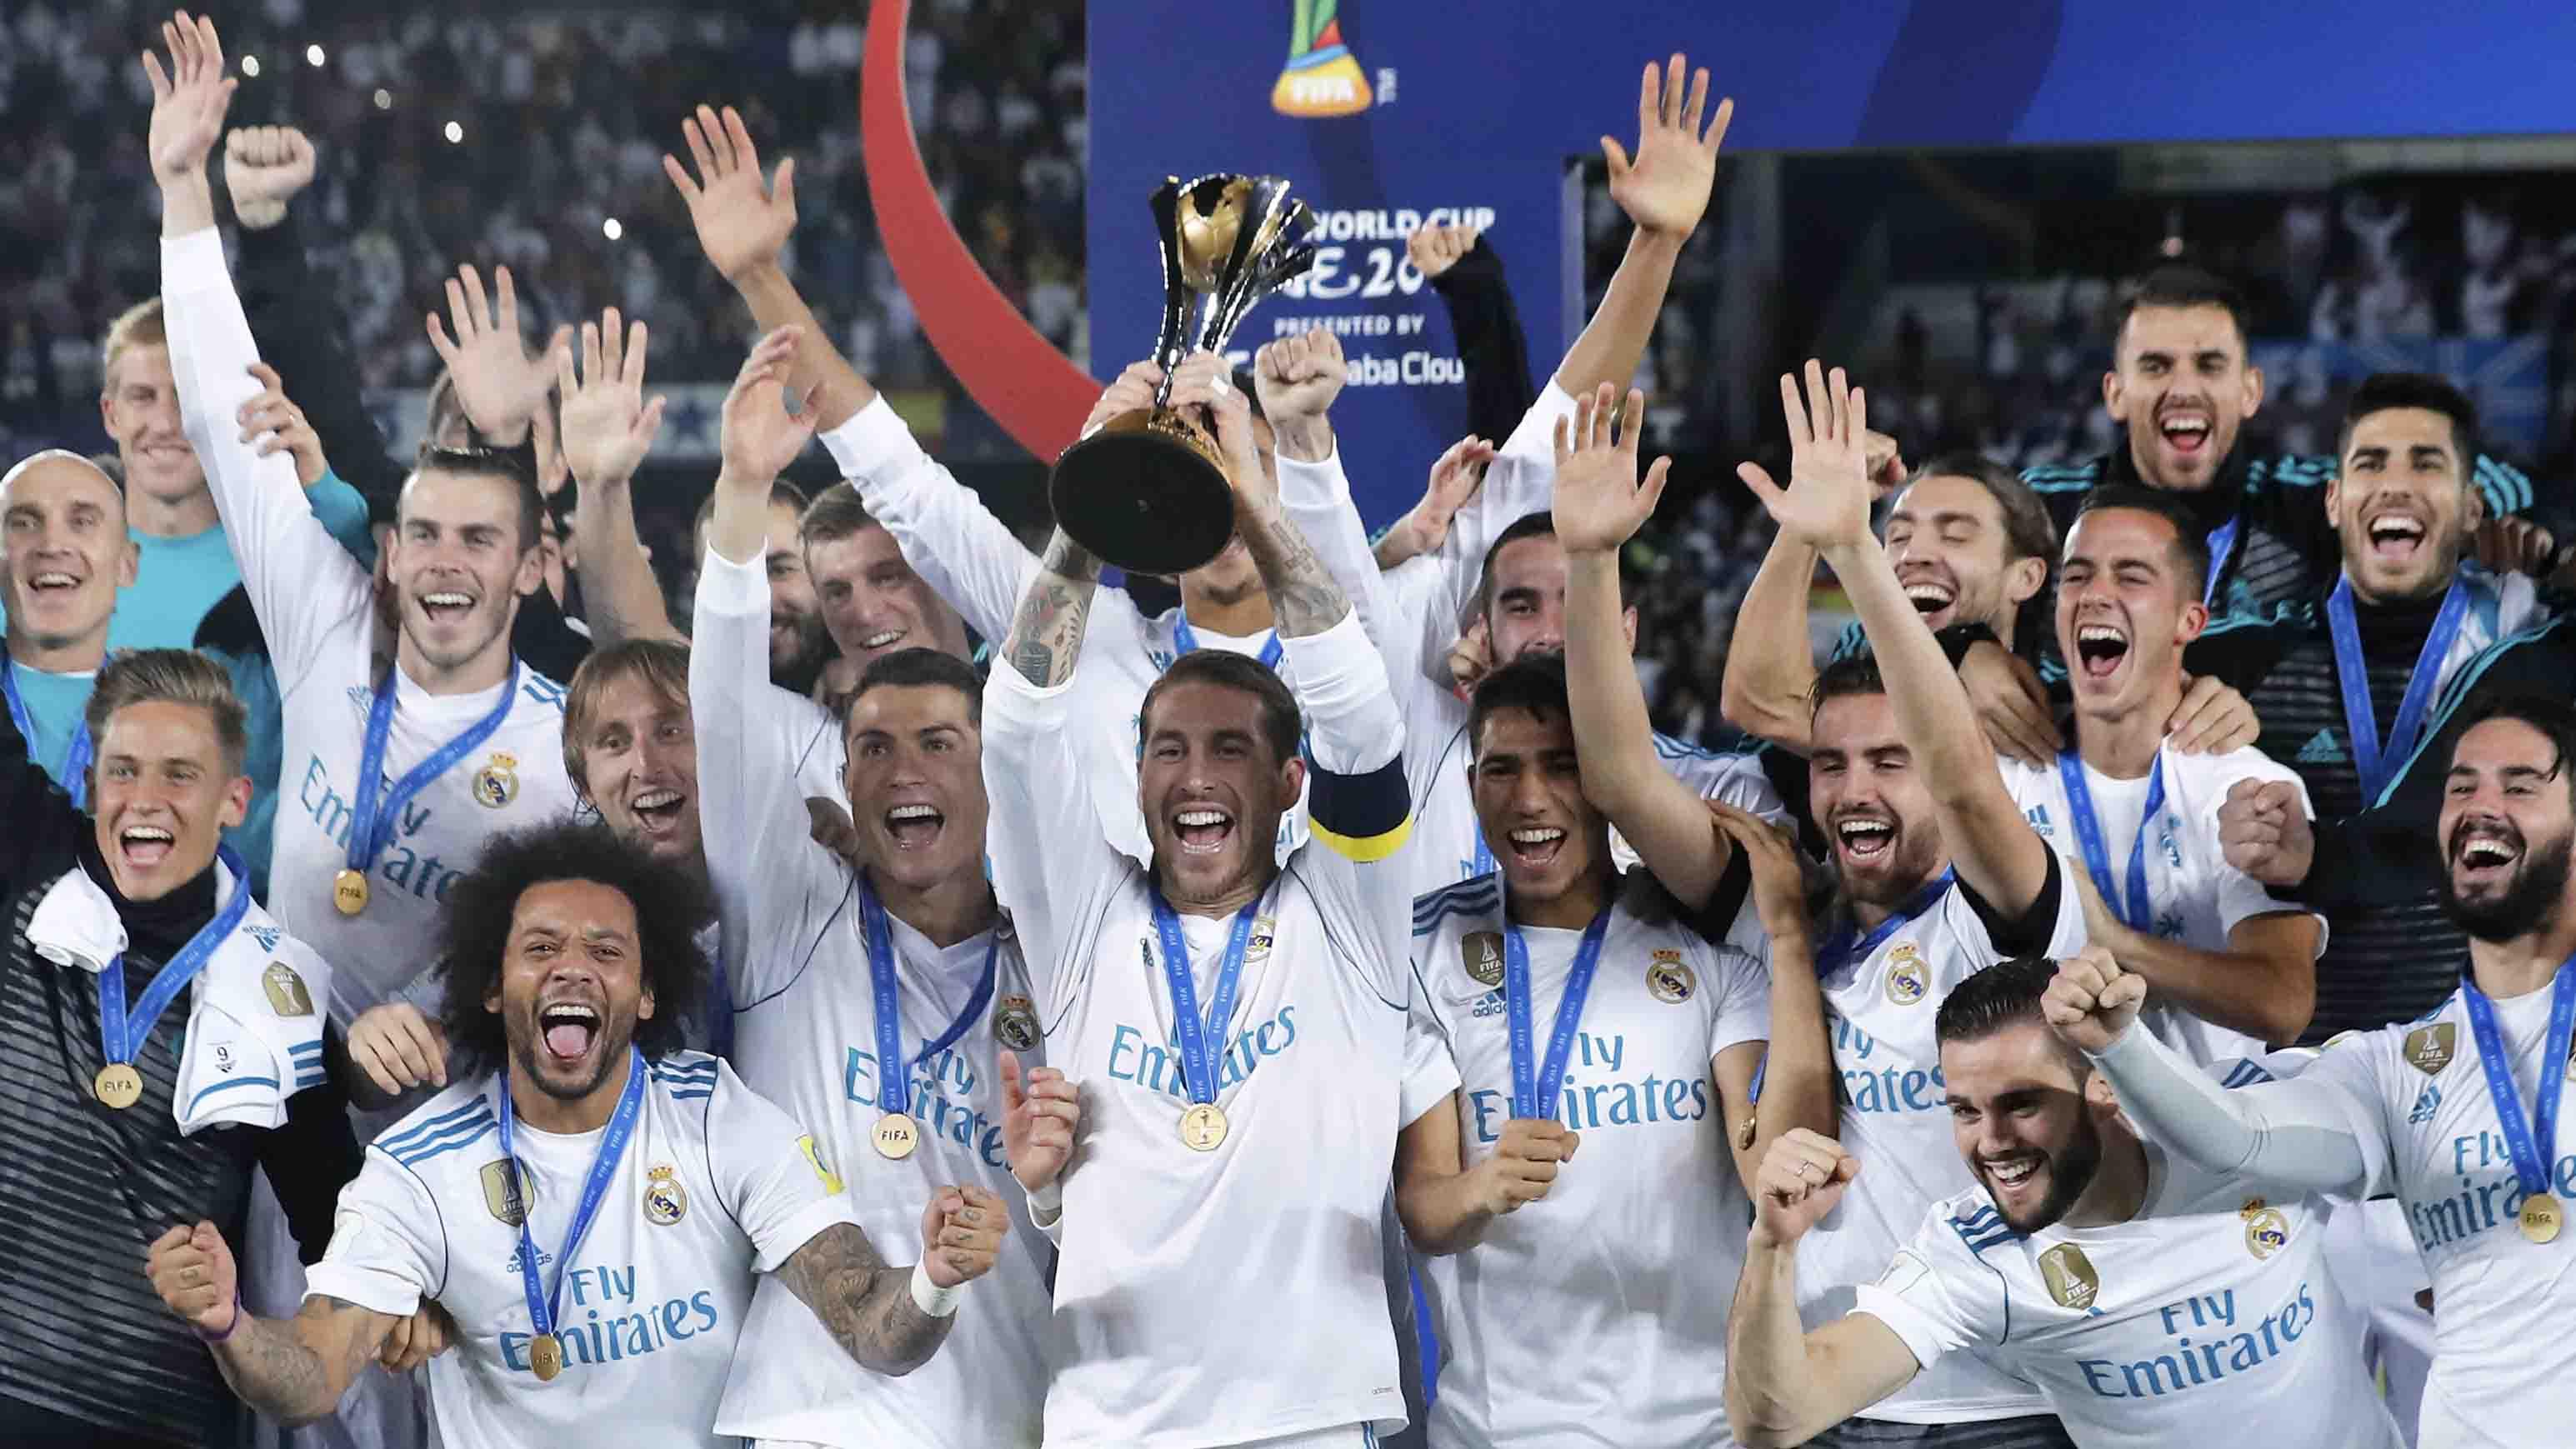 El Real Madrid ha ganado las últimas tres ediciones del torneo; también levantó el trofeo en 2014